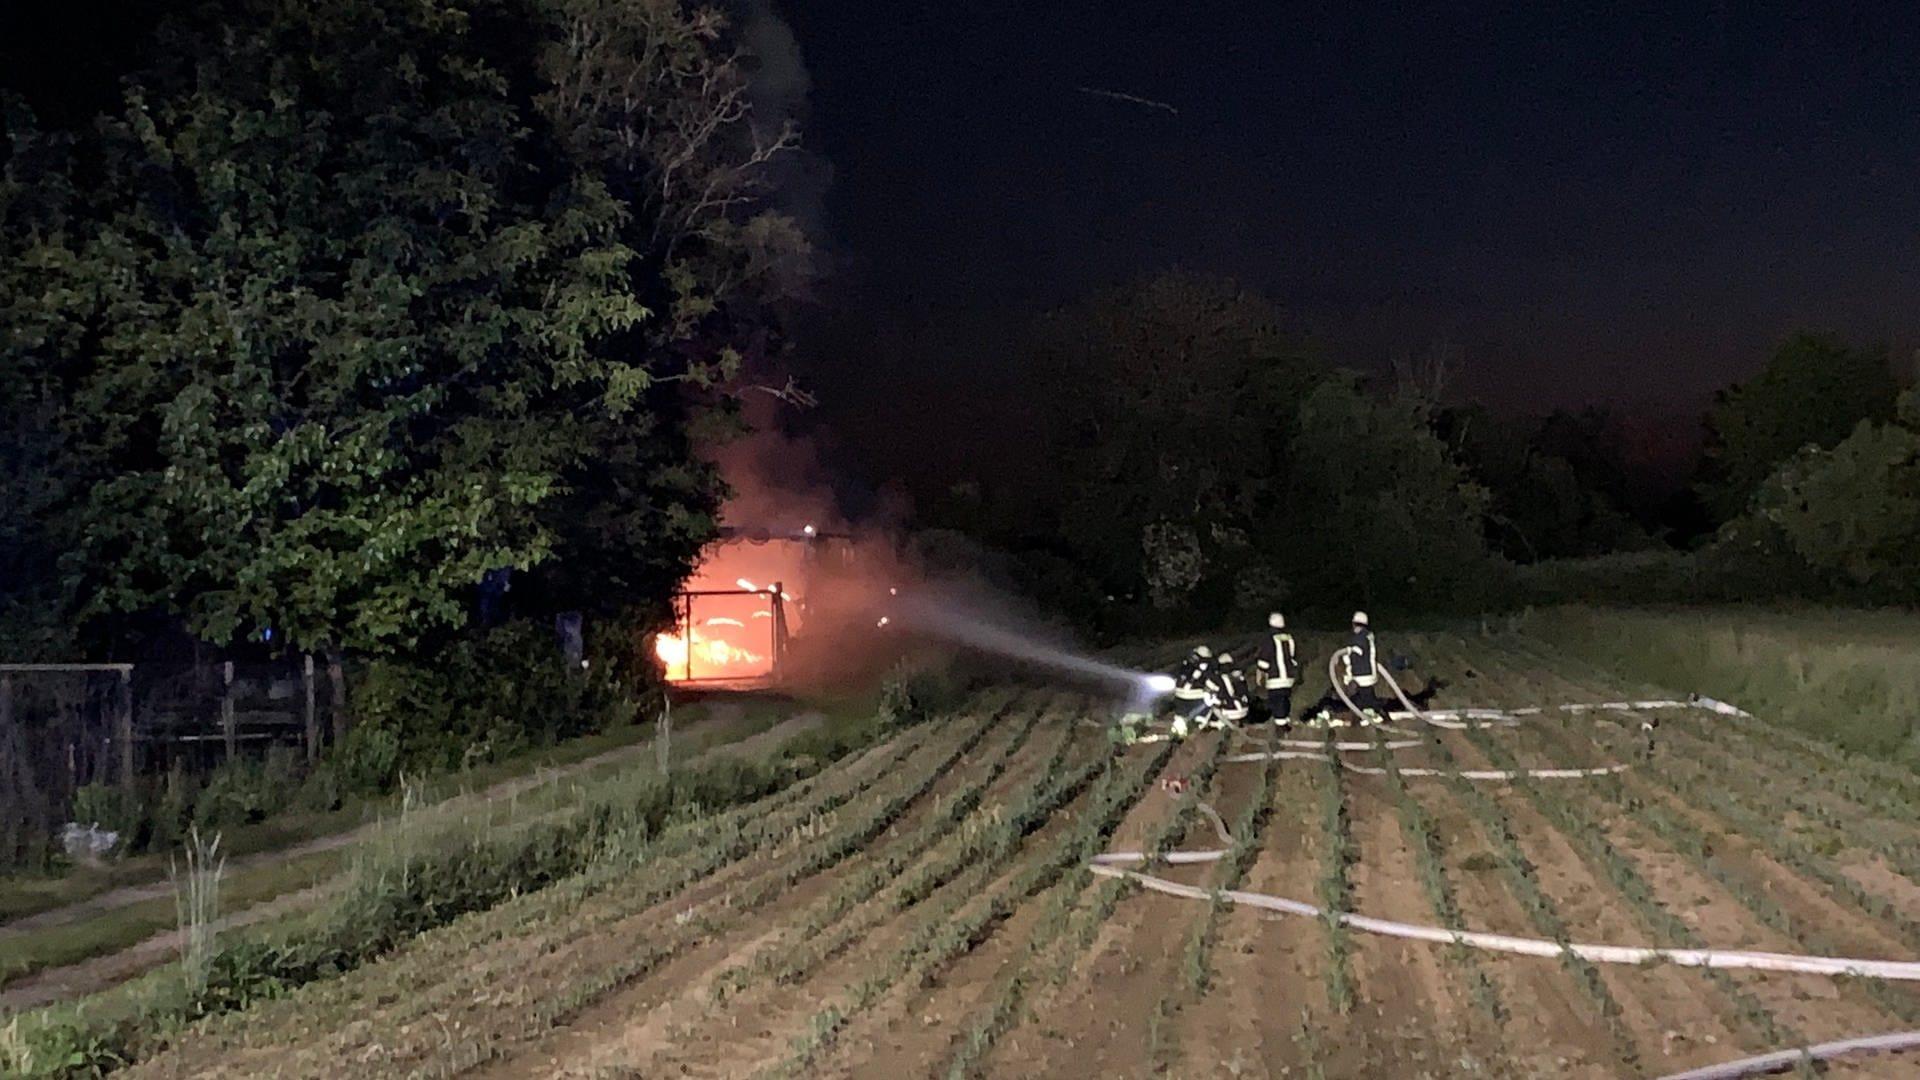 Feuerwehr löscht Brand in Lager für Pyrothechnik